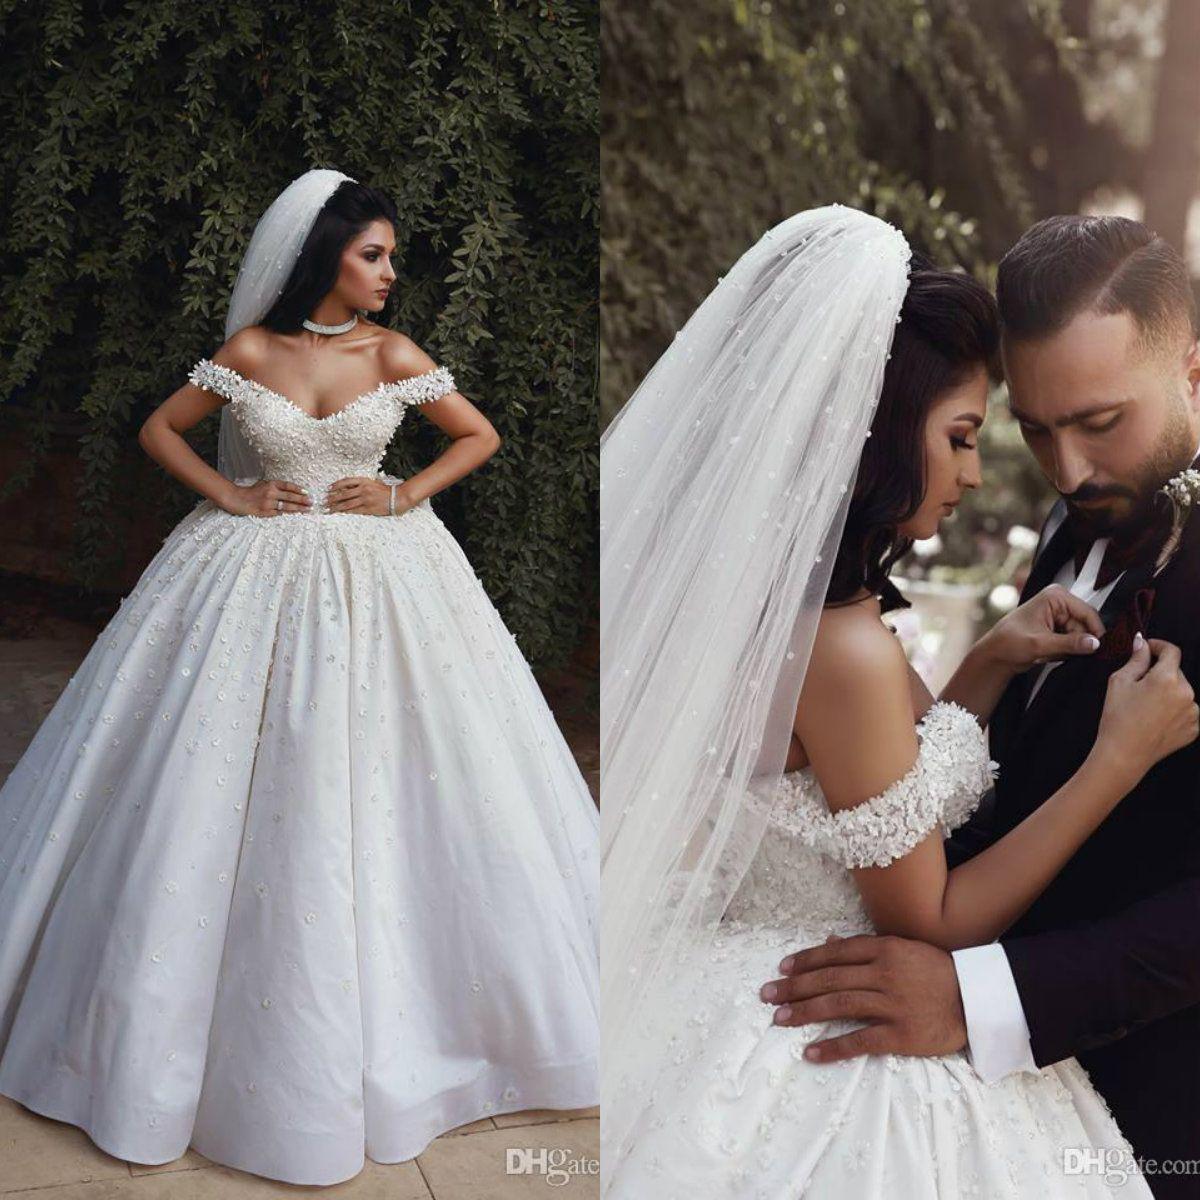 Саудовская арабский бальное платье свадебное платье с плеча кружева Свадебные платья из бисера аппликация Плюс Размер свадебное платье сшитое